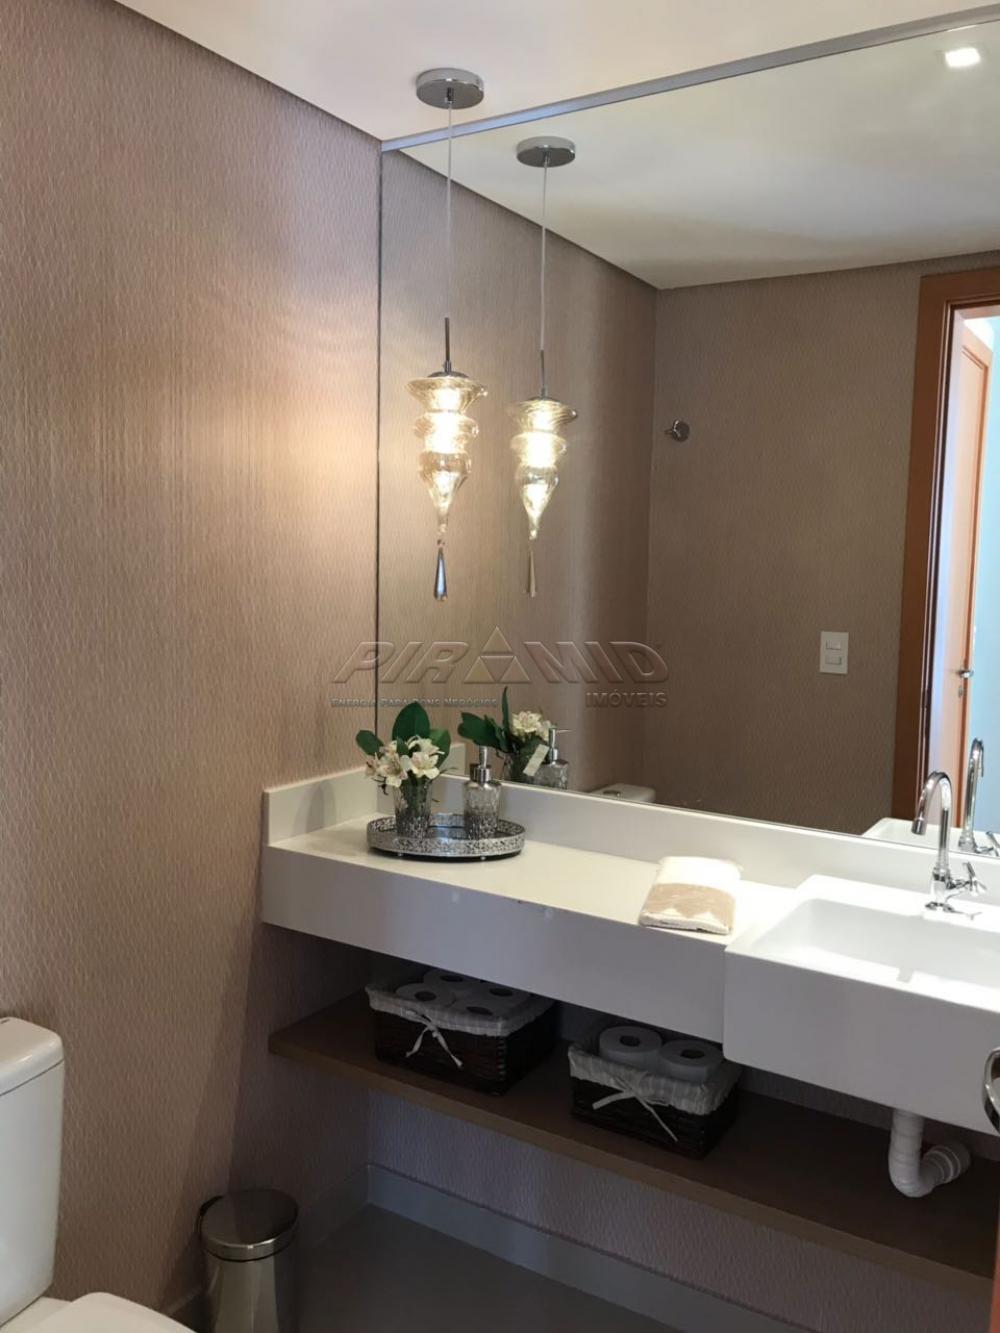 Comprar Apartamento / Padrão em Ribeirão Preto apenas R$ 624.100,00 - Foto 7